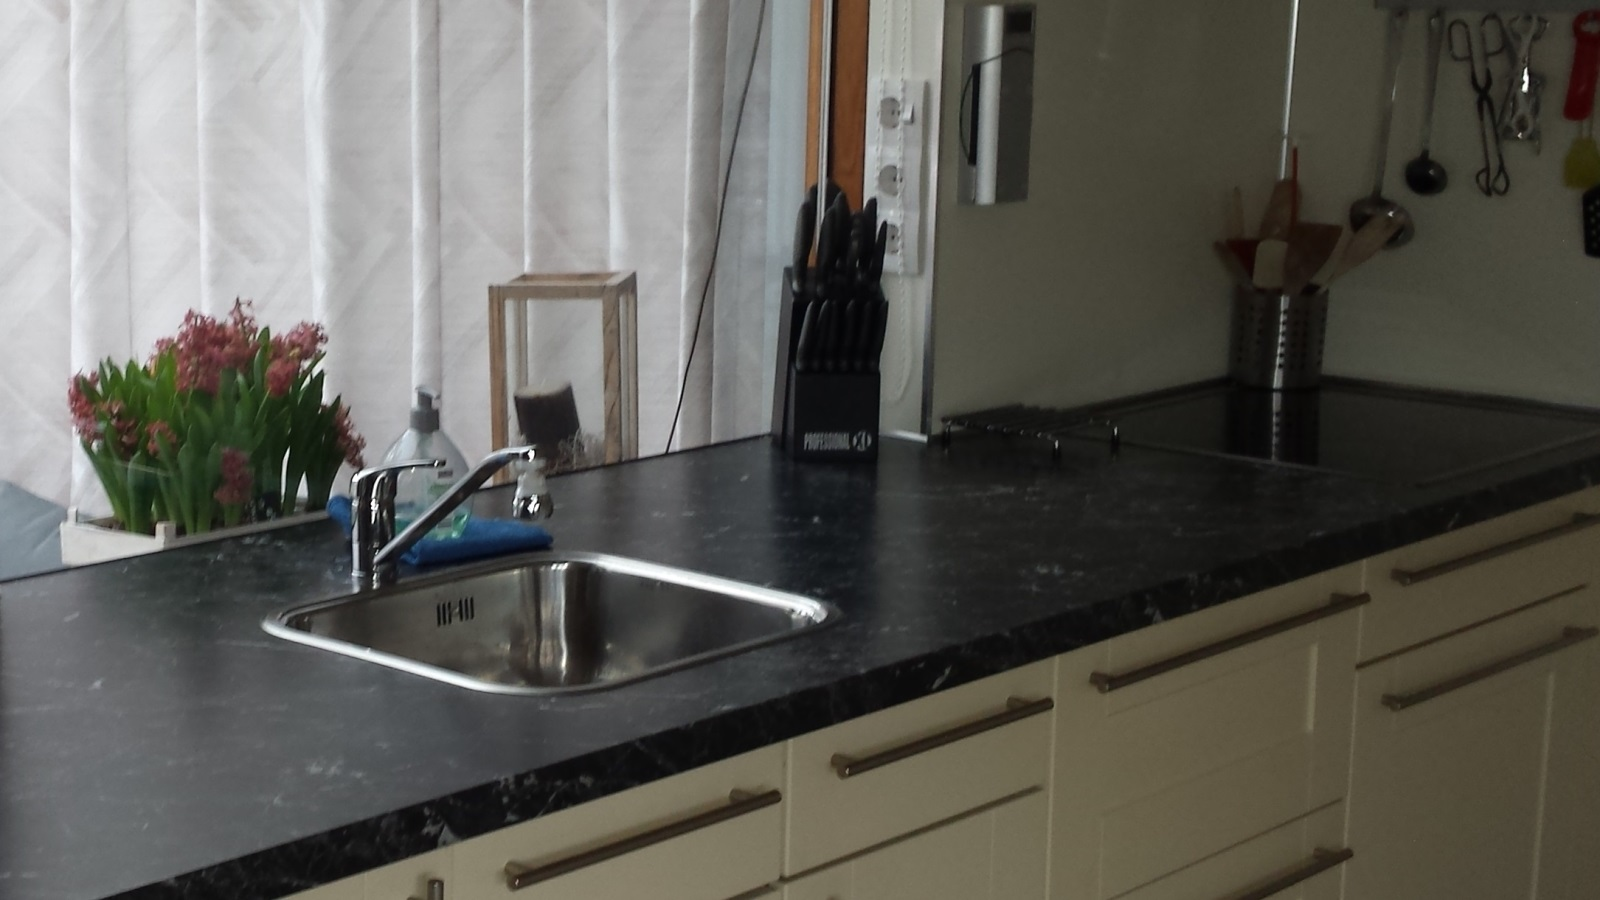 Keuken Marmer Zwart : Zwarte keuken met marmeren blad u informatie over de keuken